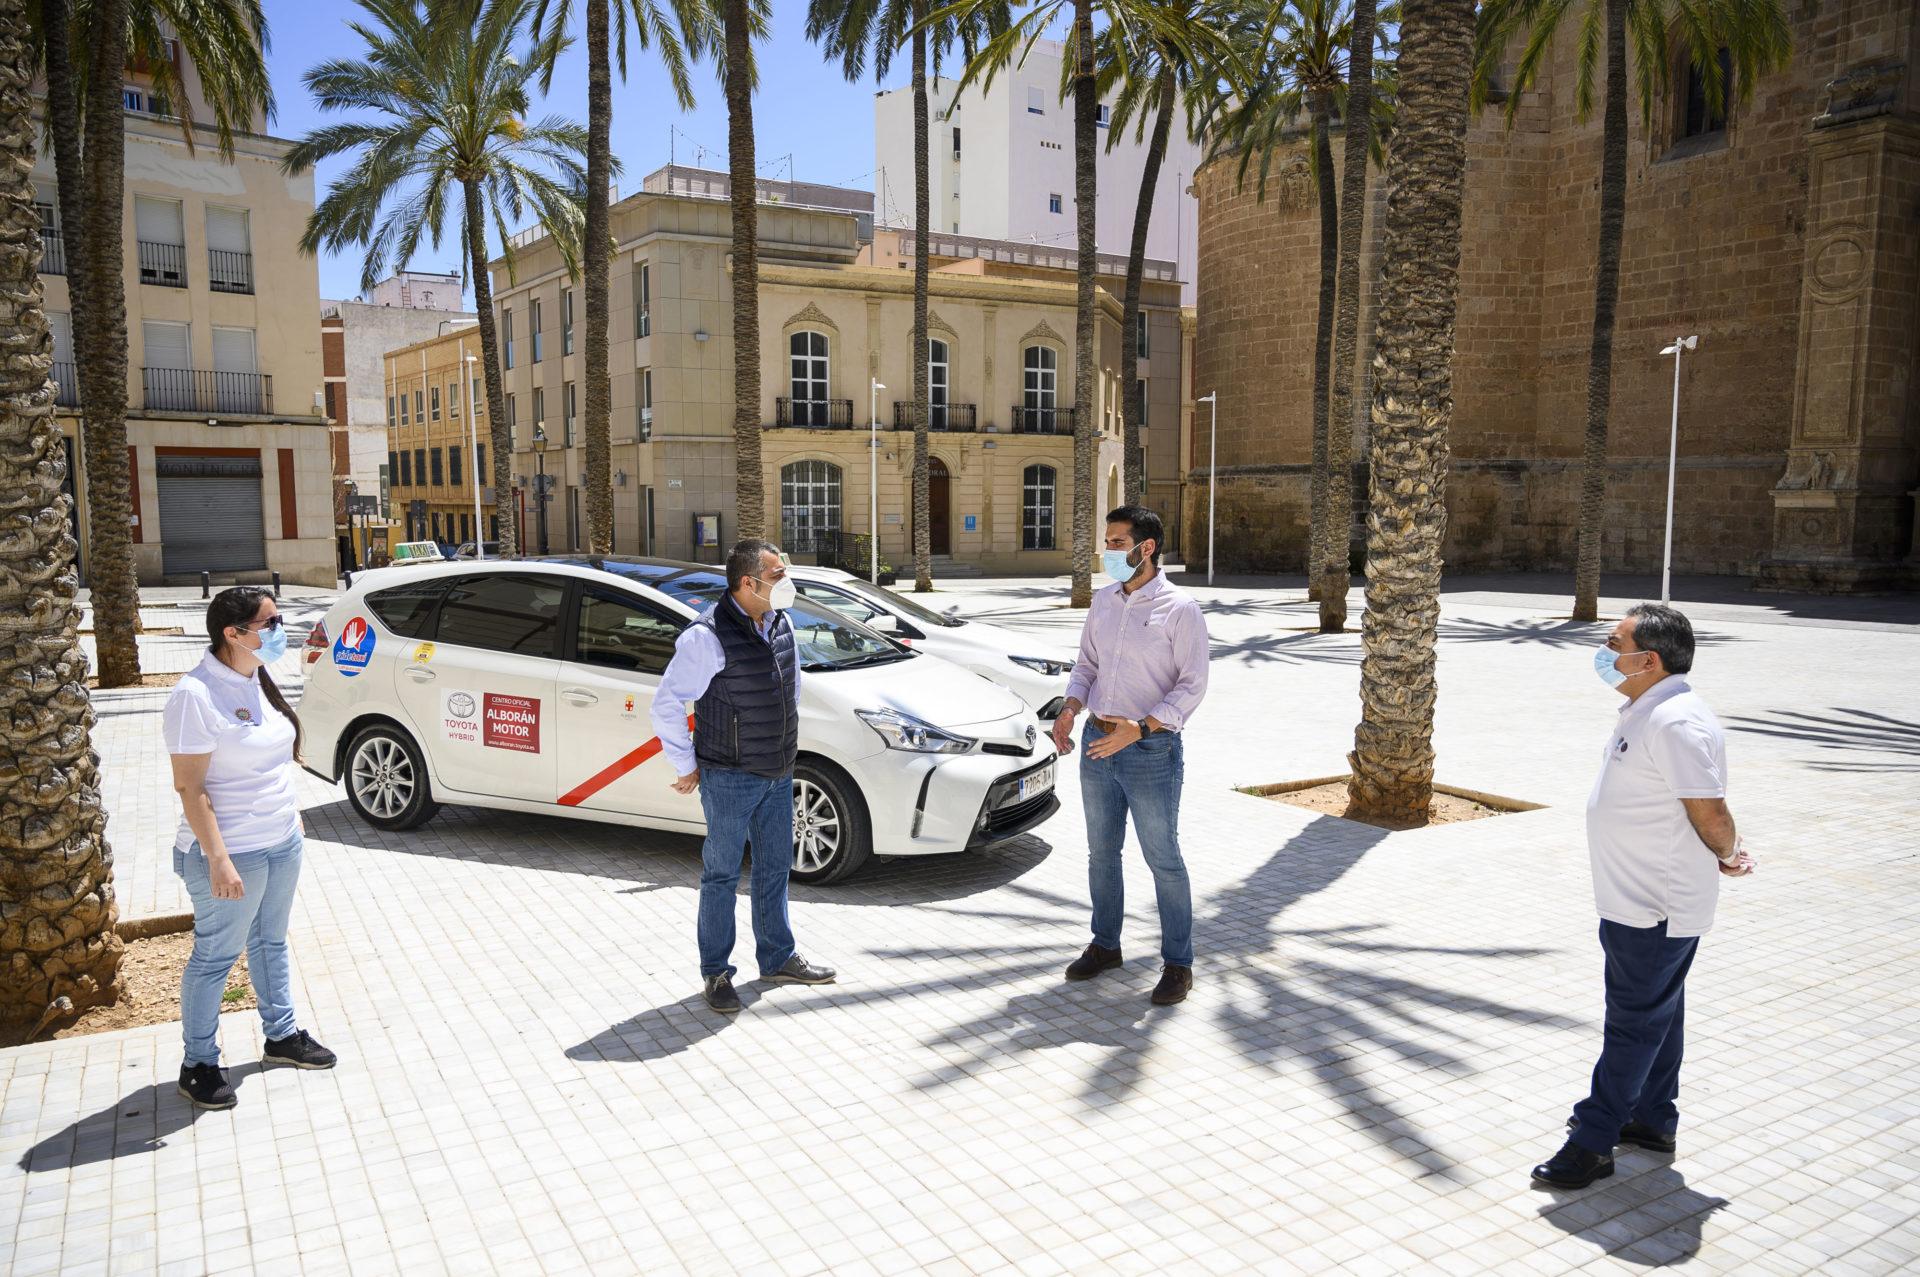 Ayuntamiento y Junta ultiman un convenio para reforzar las inspecciones y acabar con los taxis ilegales